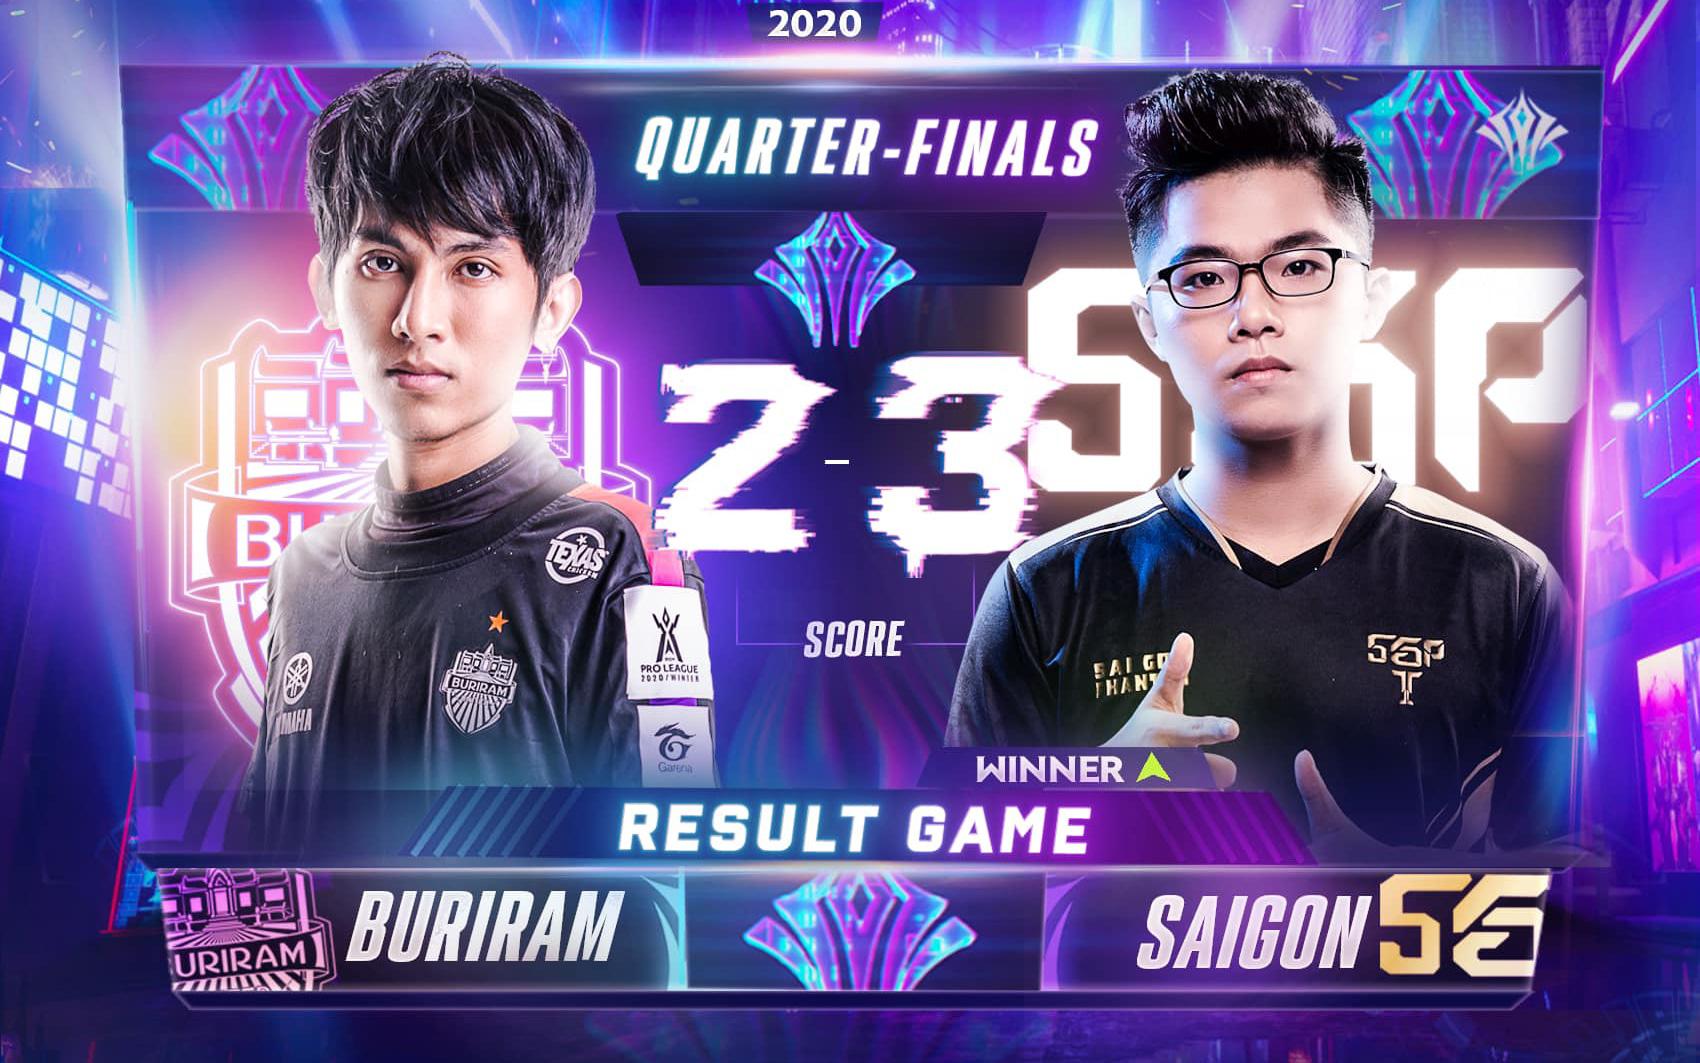 Phì cười với cách fan Thái lý giải trận thua: BRU để SGP lật kèo vì... không muốn 2 đội Thái Lan gặp nhau?